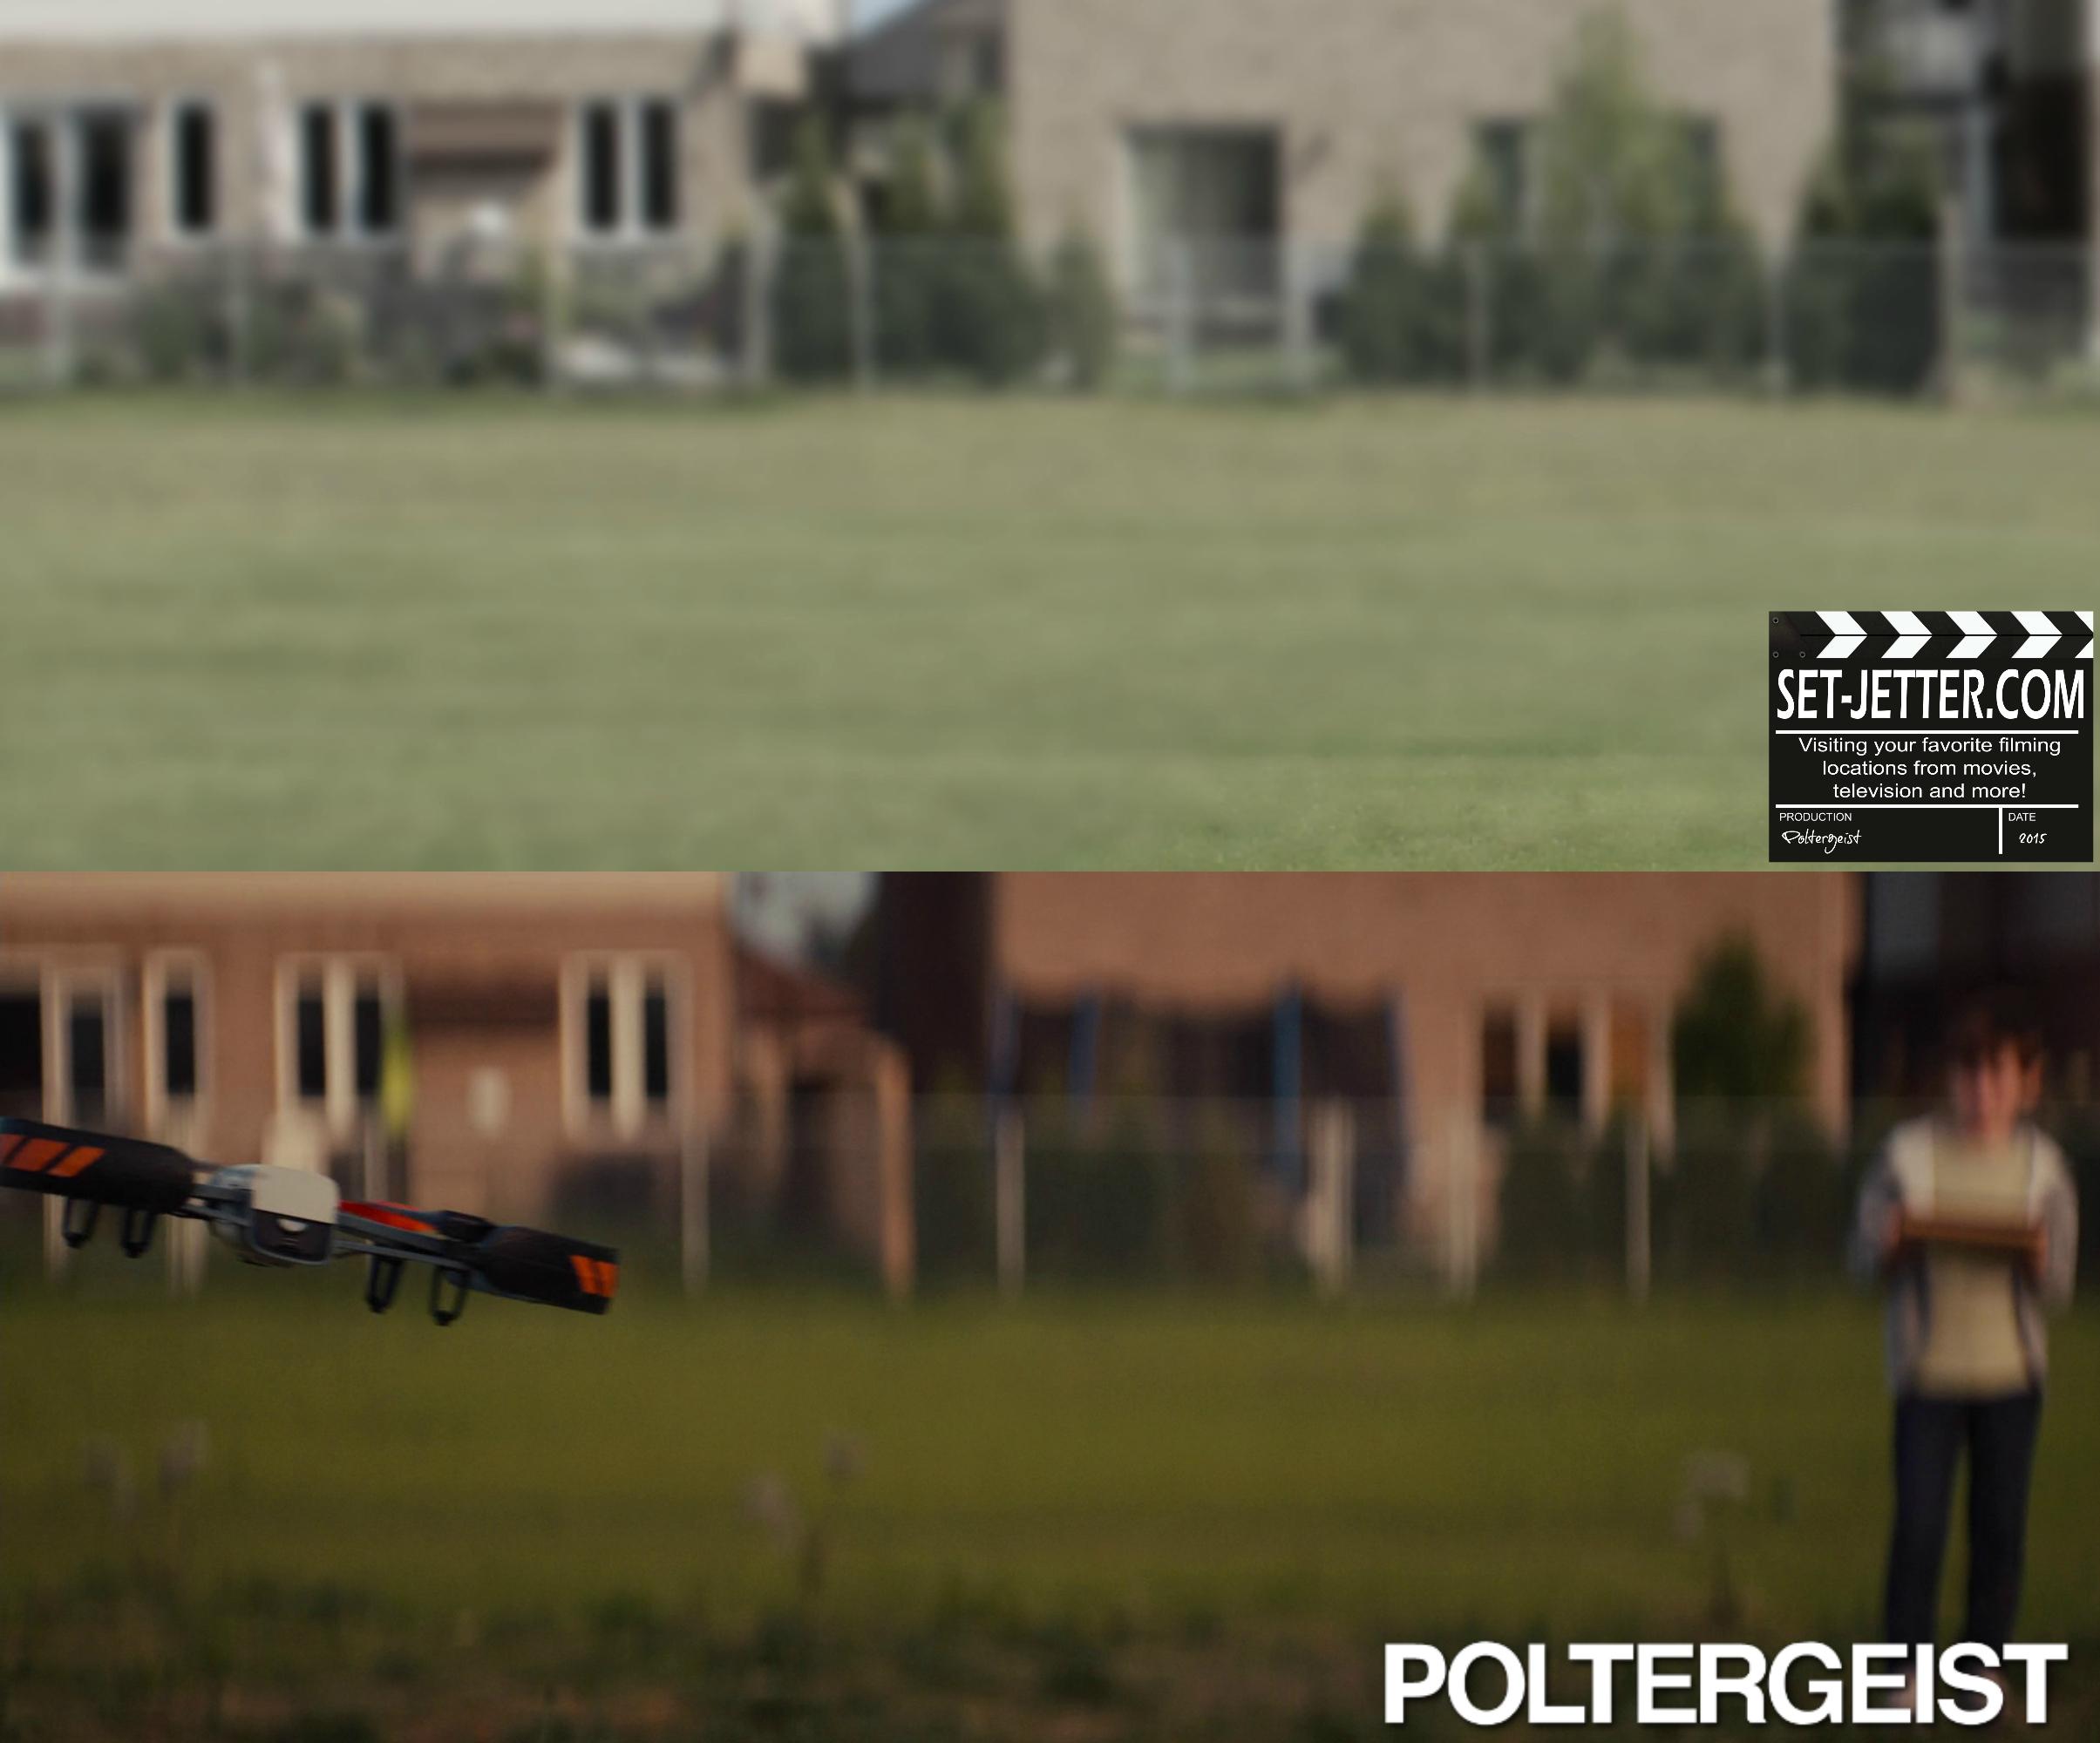 Poltergeist comparison 83.jpg